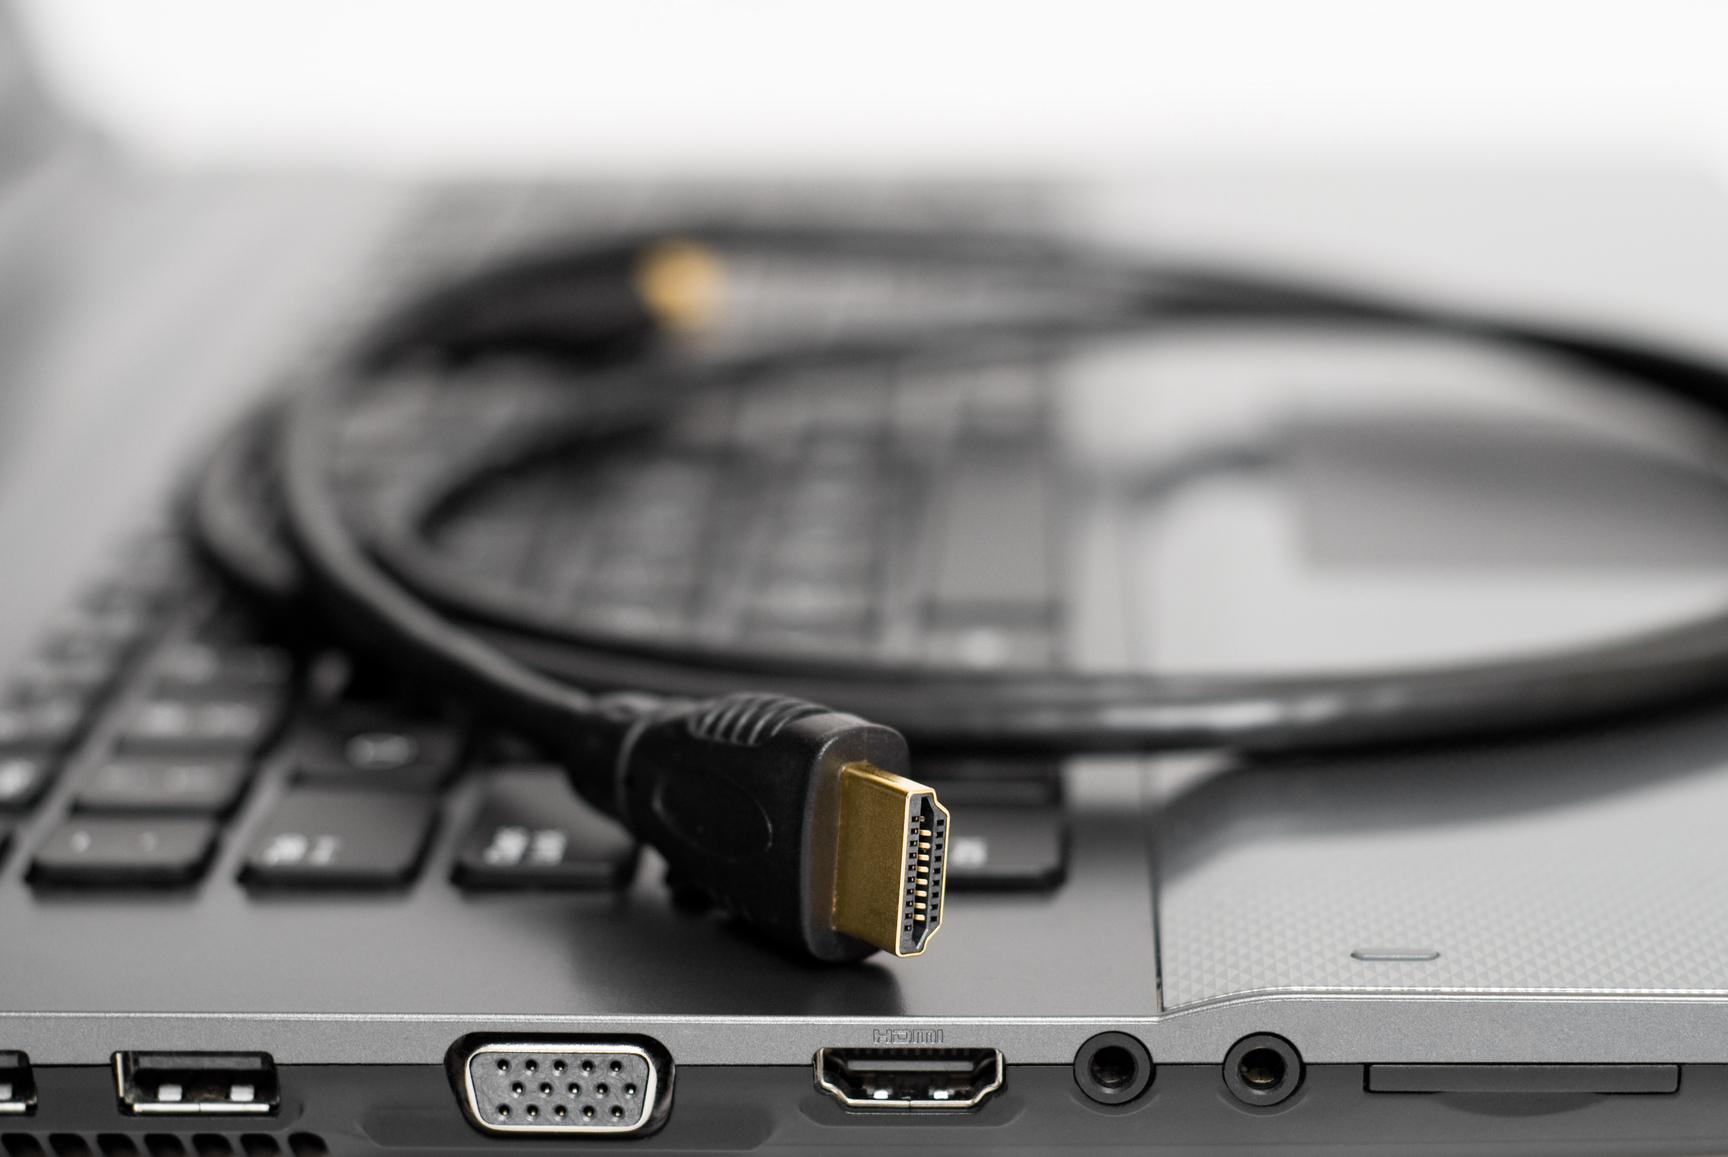 Почему ноутбук не подключается к телевизору через hdmi кабель